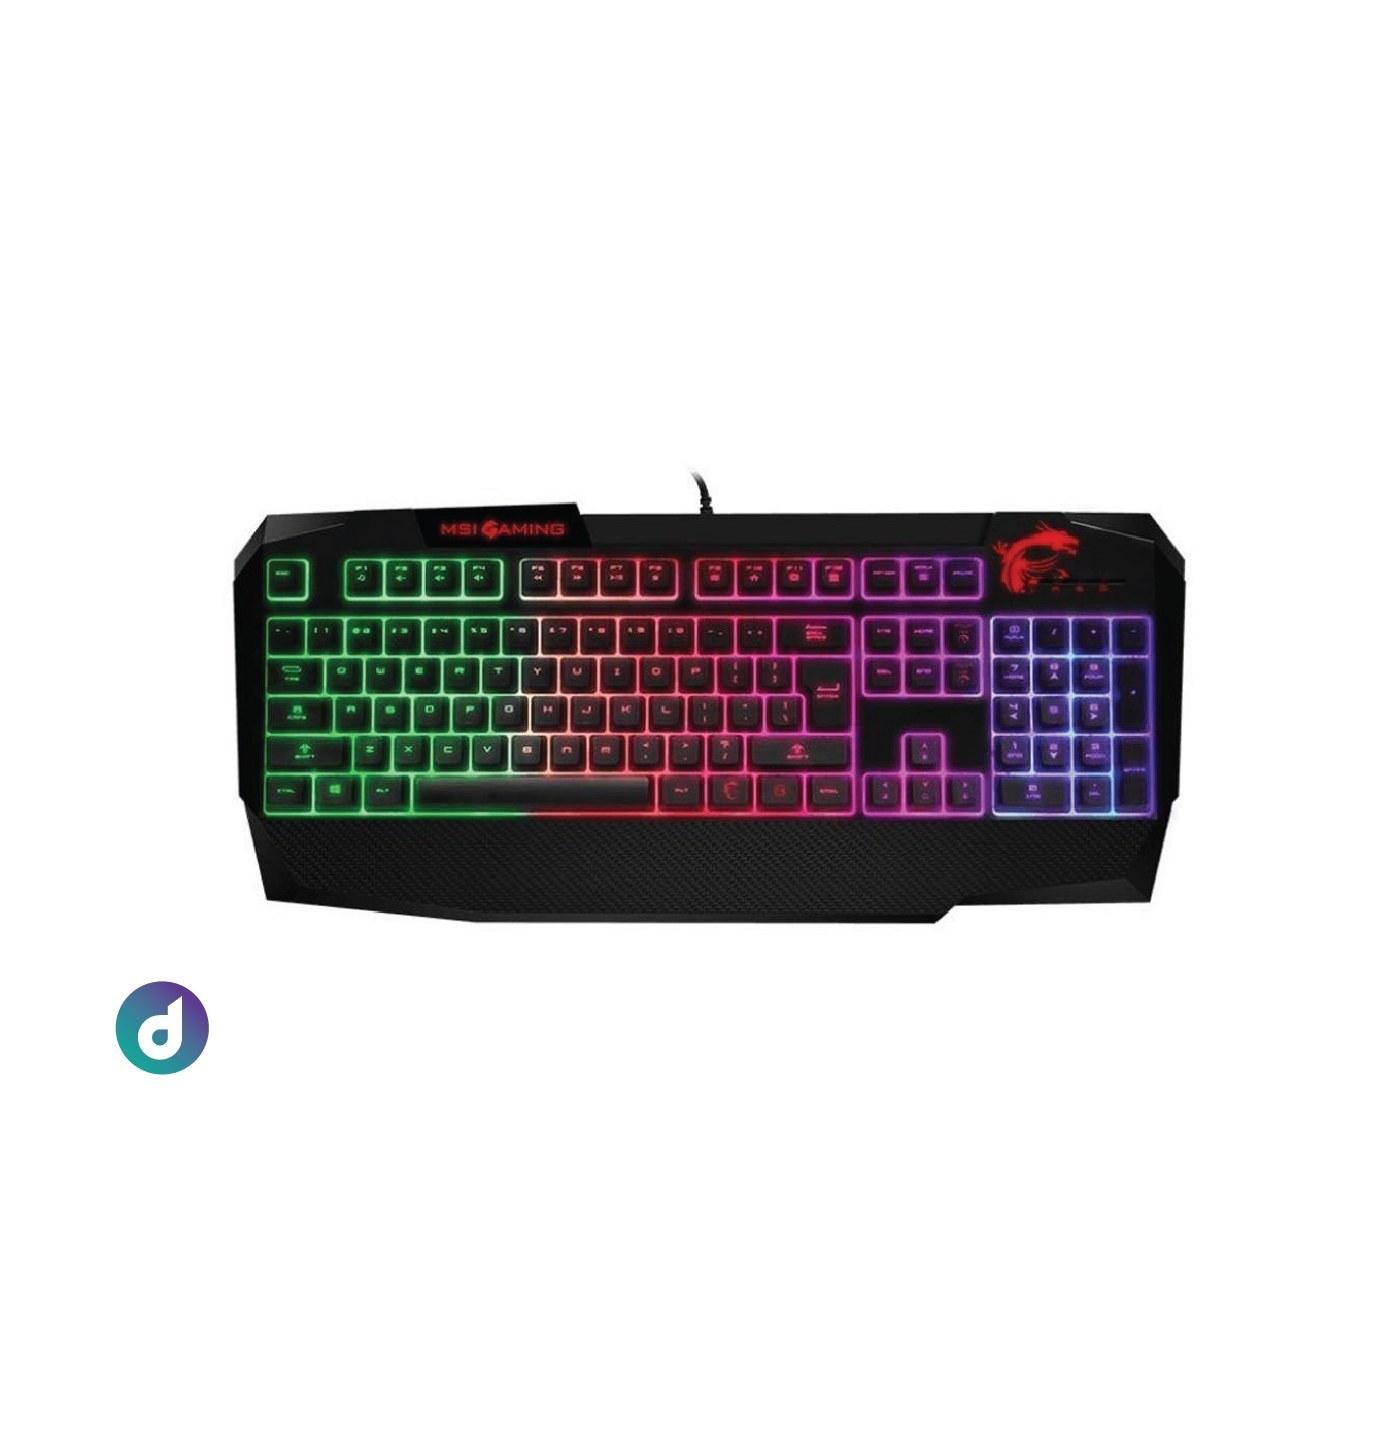 تصویر کیبورد گیمینگ ام اس آی مدل MSi Vigor GK40 (msi gaming keyboard vigor gk40 PS)